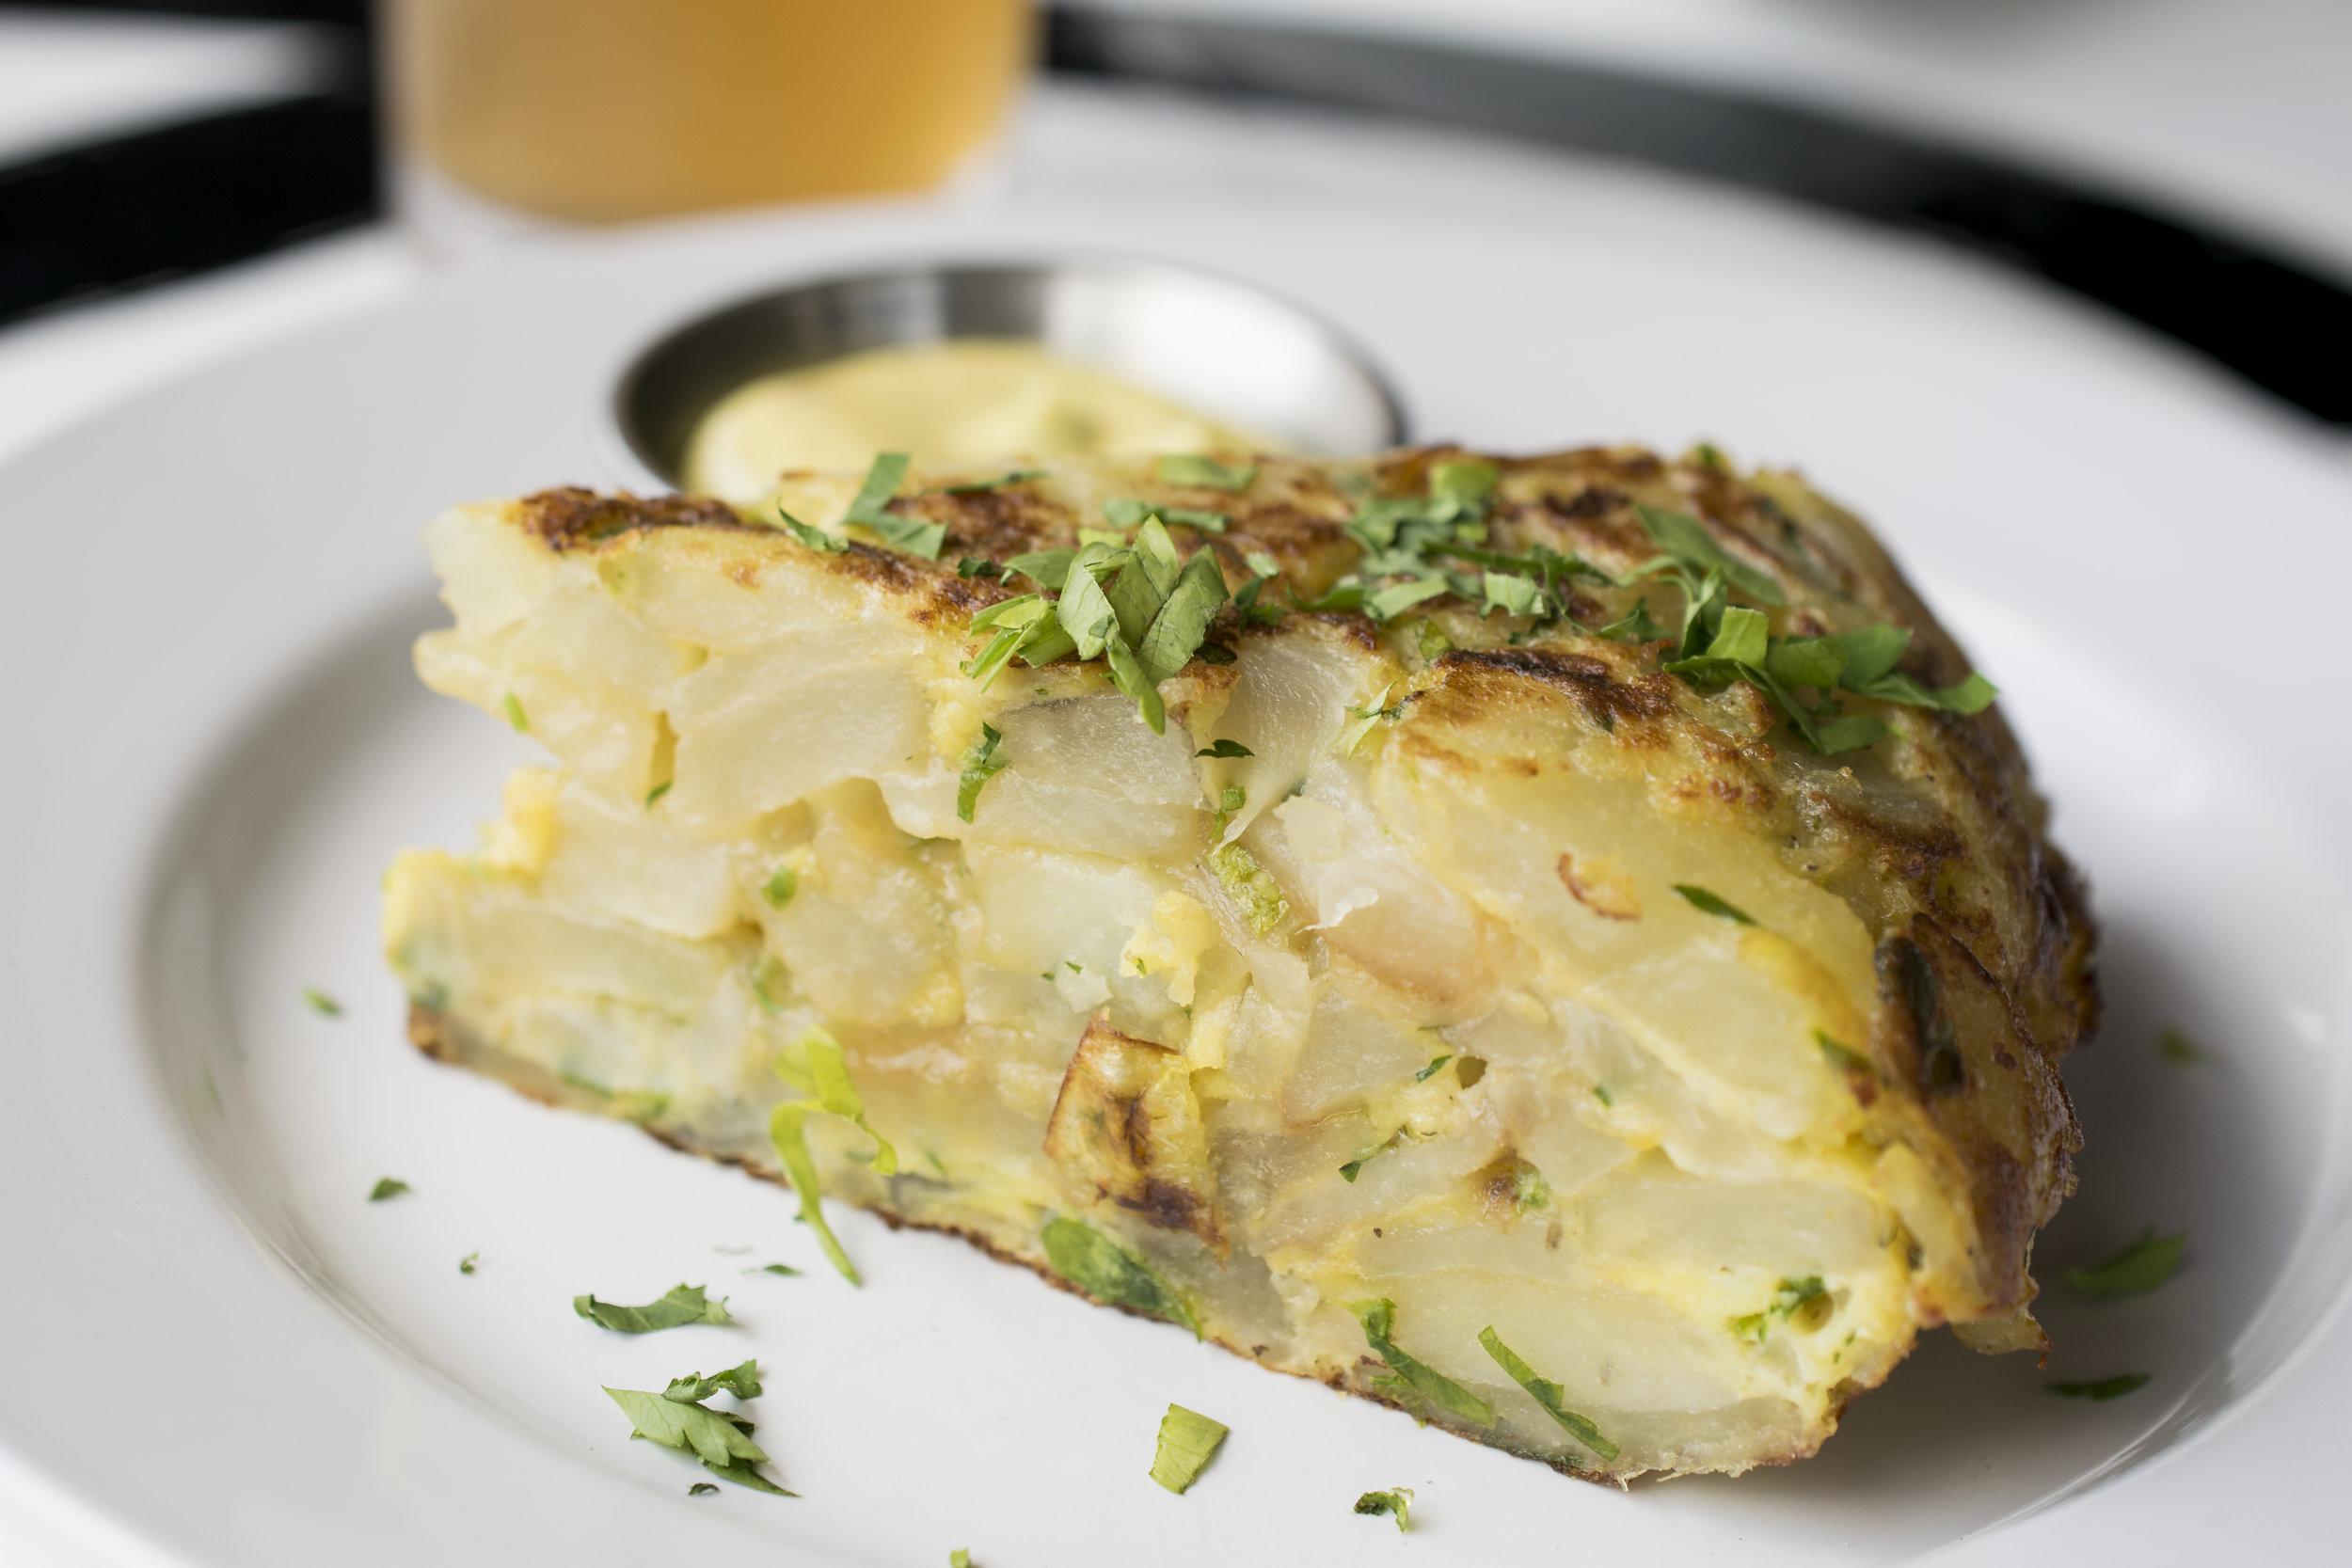 Spanish Potato and Egg Omelette